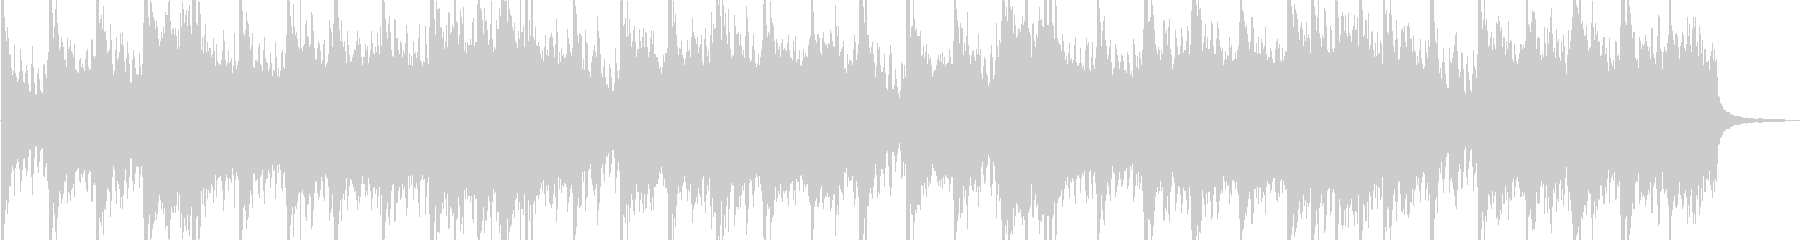 緊迫感 エピック系オーケストラの未再生の波形